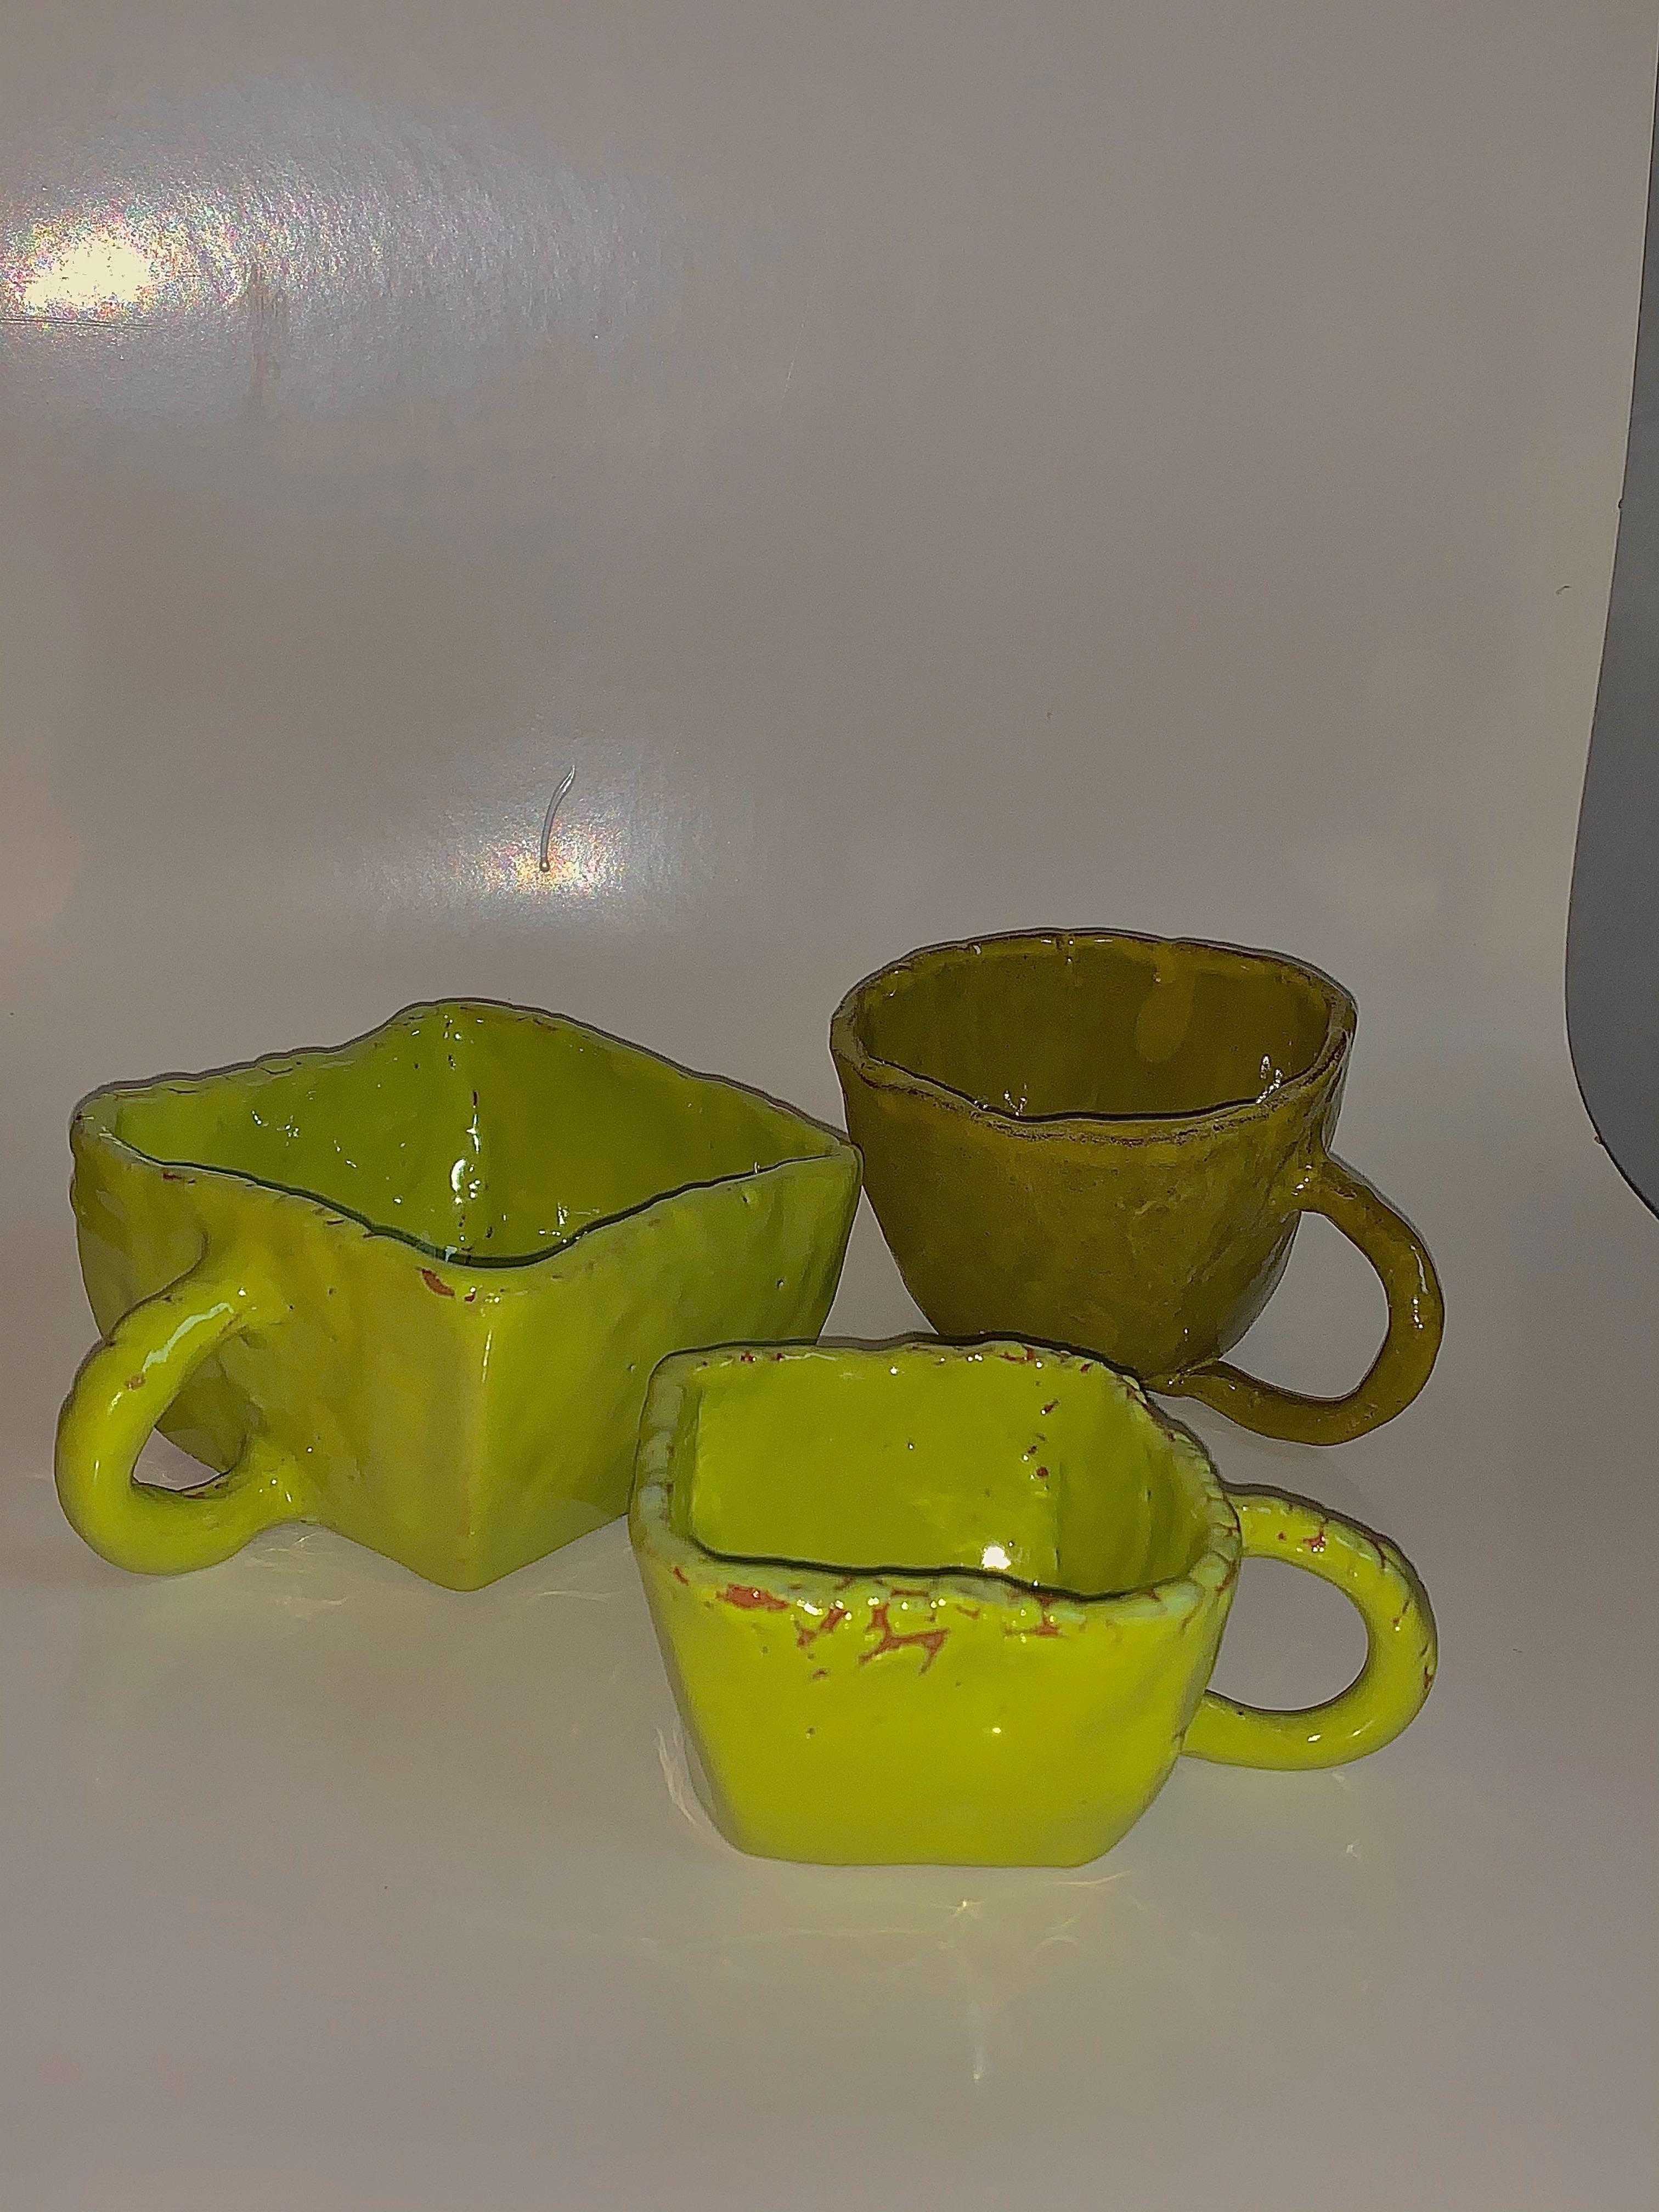 Tre koppar i olika storlekar: Kopp 1 & 2 terracotta lera med en grön glasyr. Kopp 3 med brun lera samt gul glasyr